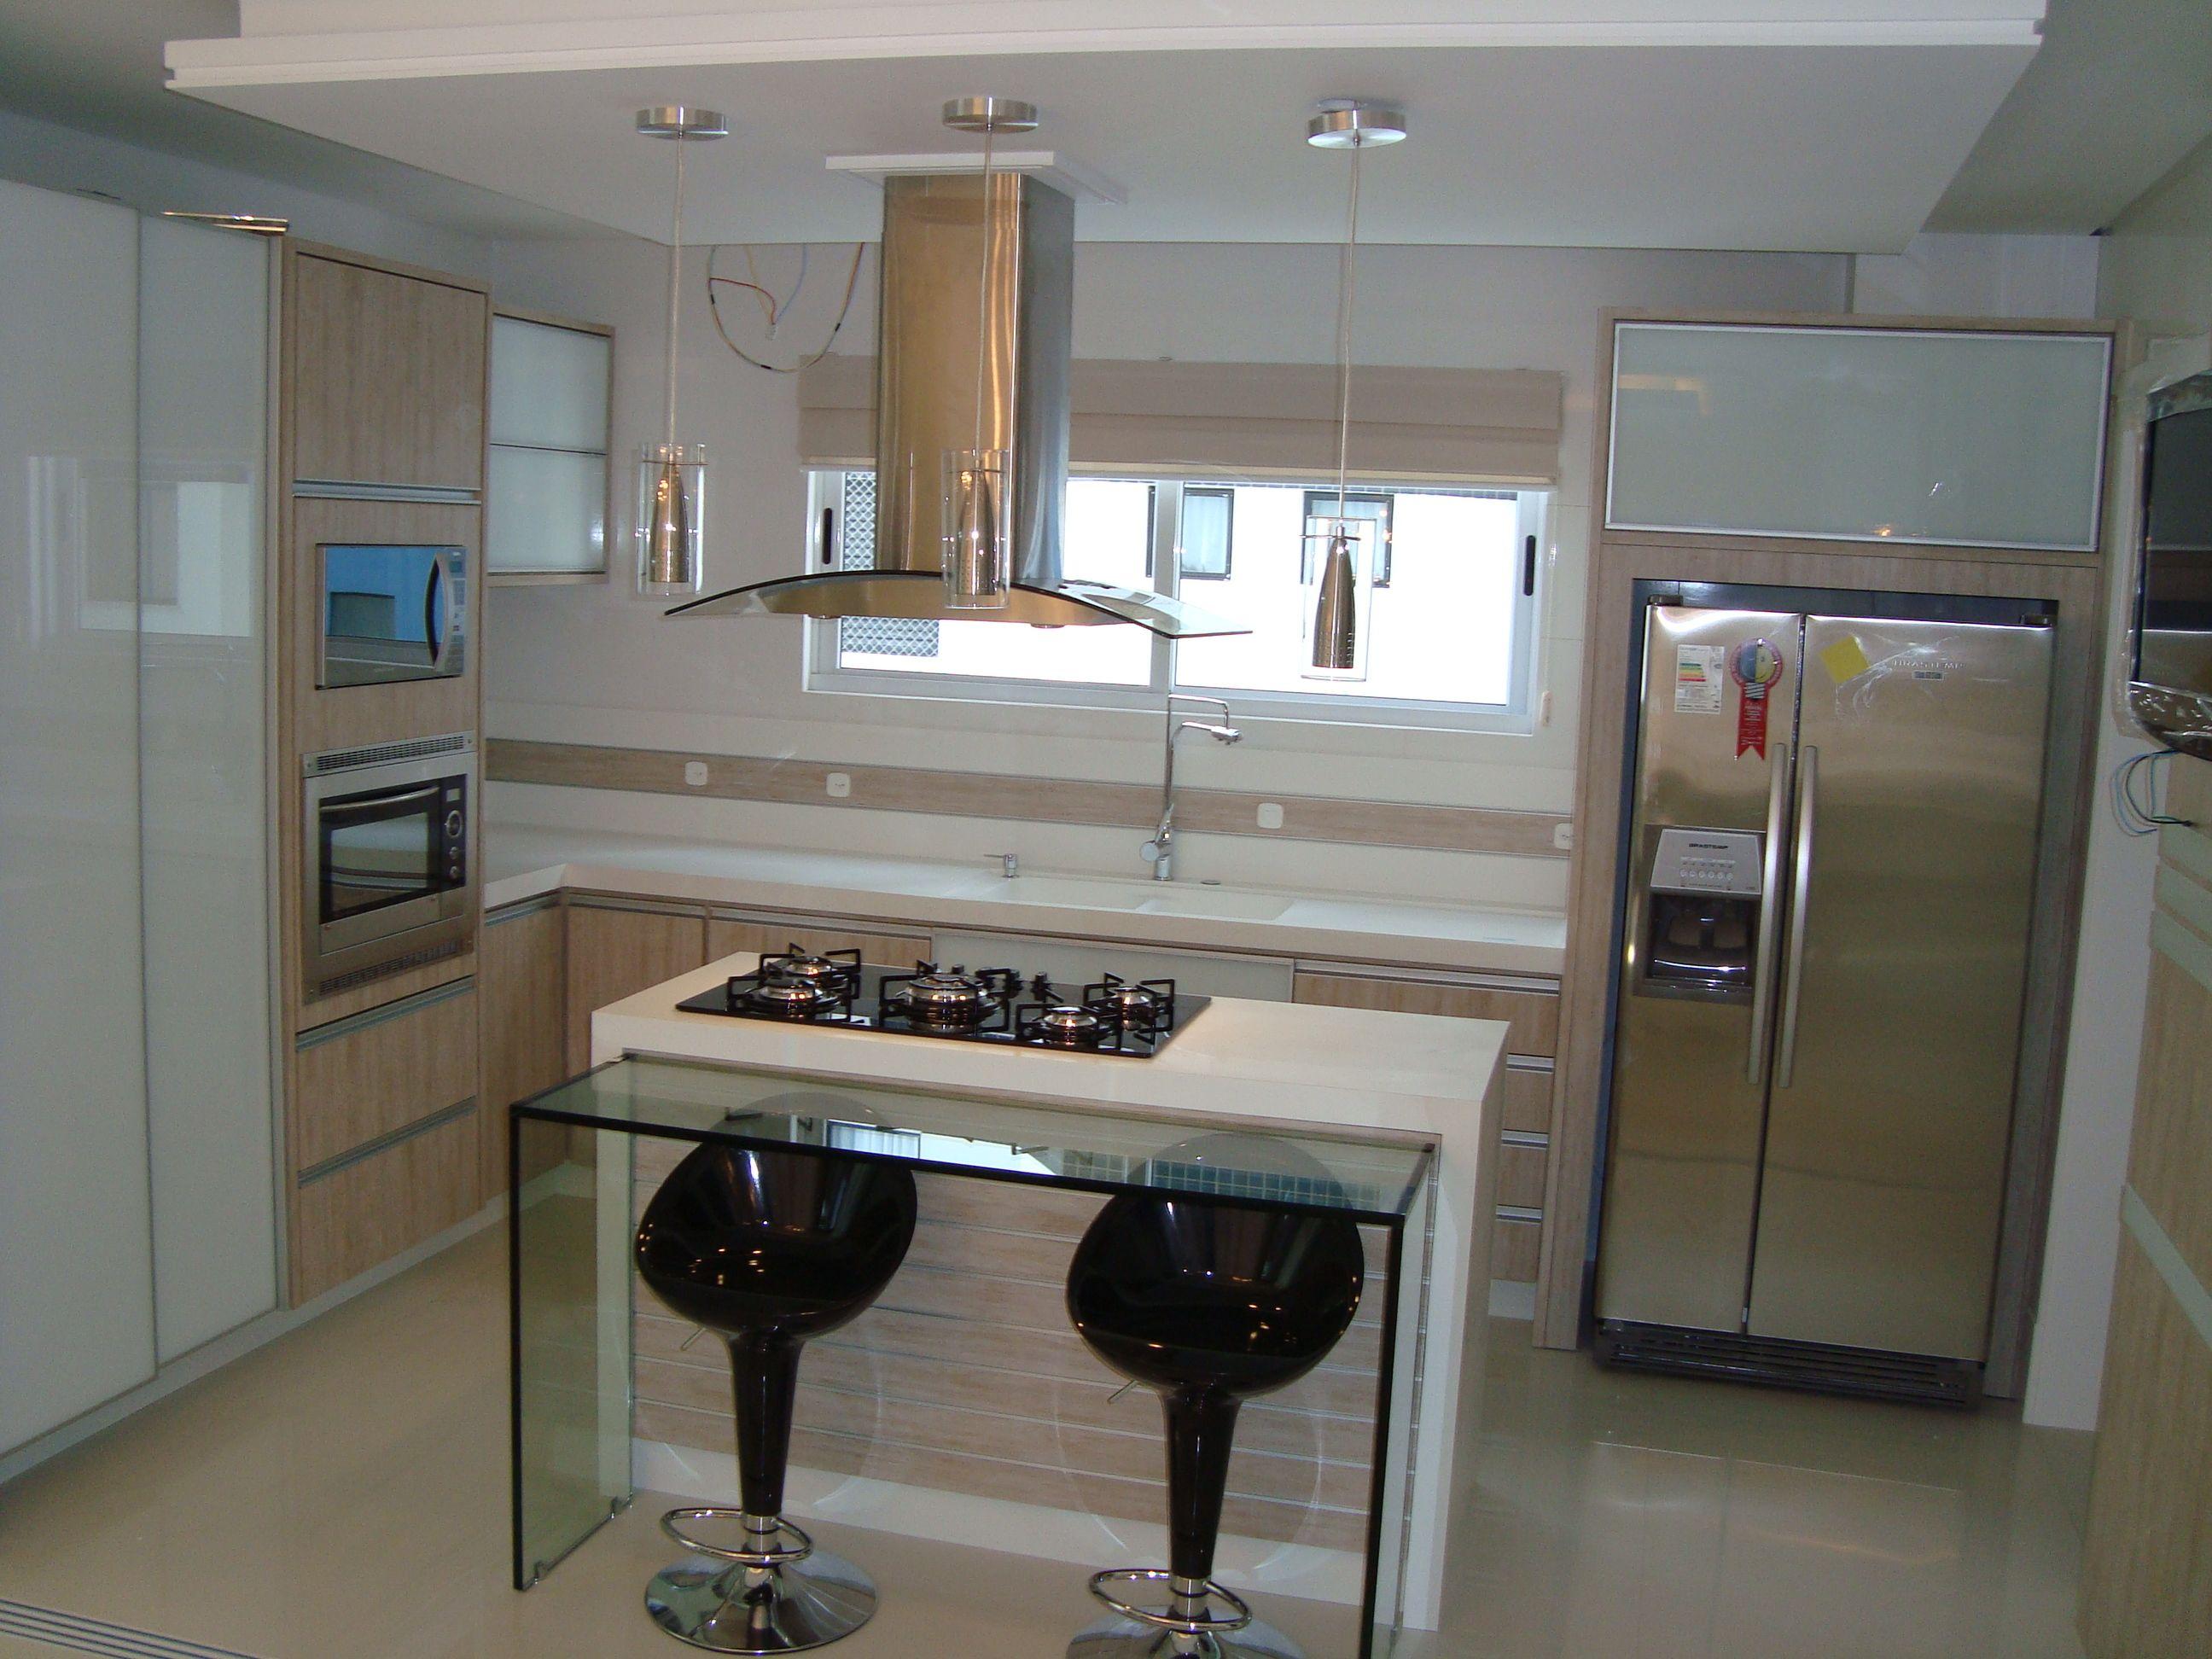 Modelos de cozinhas 4 pictures to pin on pinterest - Cozinha Com Coifa De Ilha 2